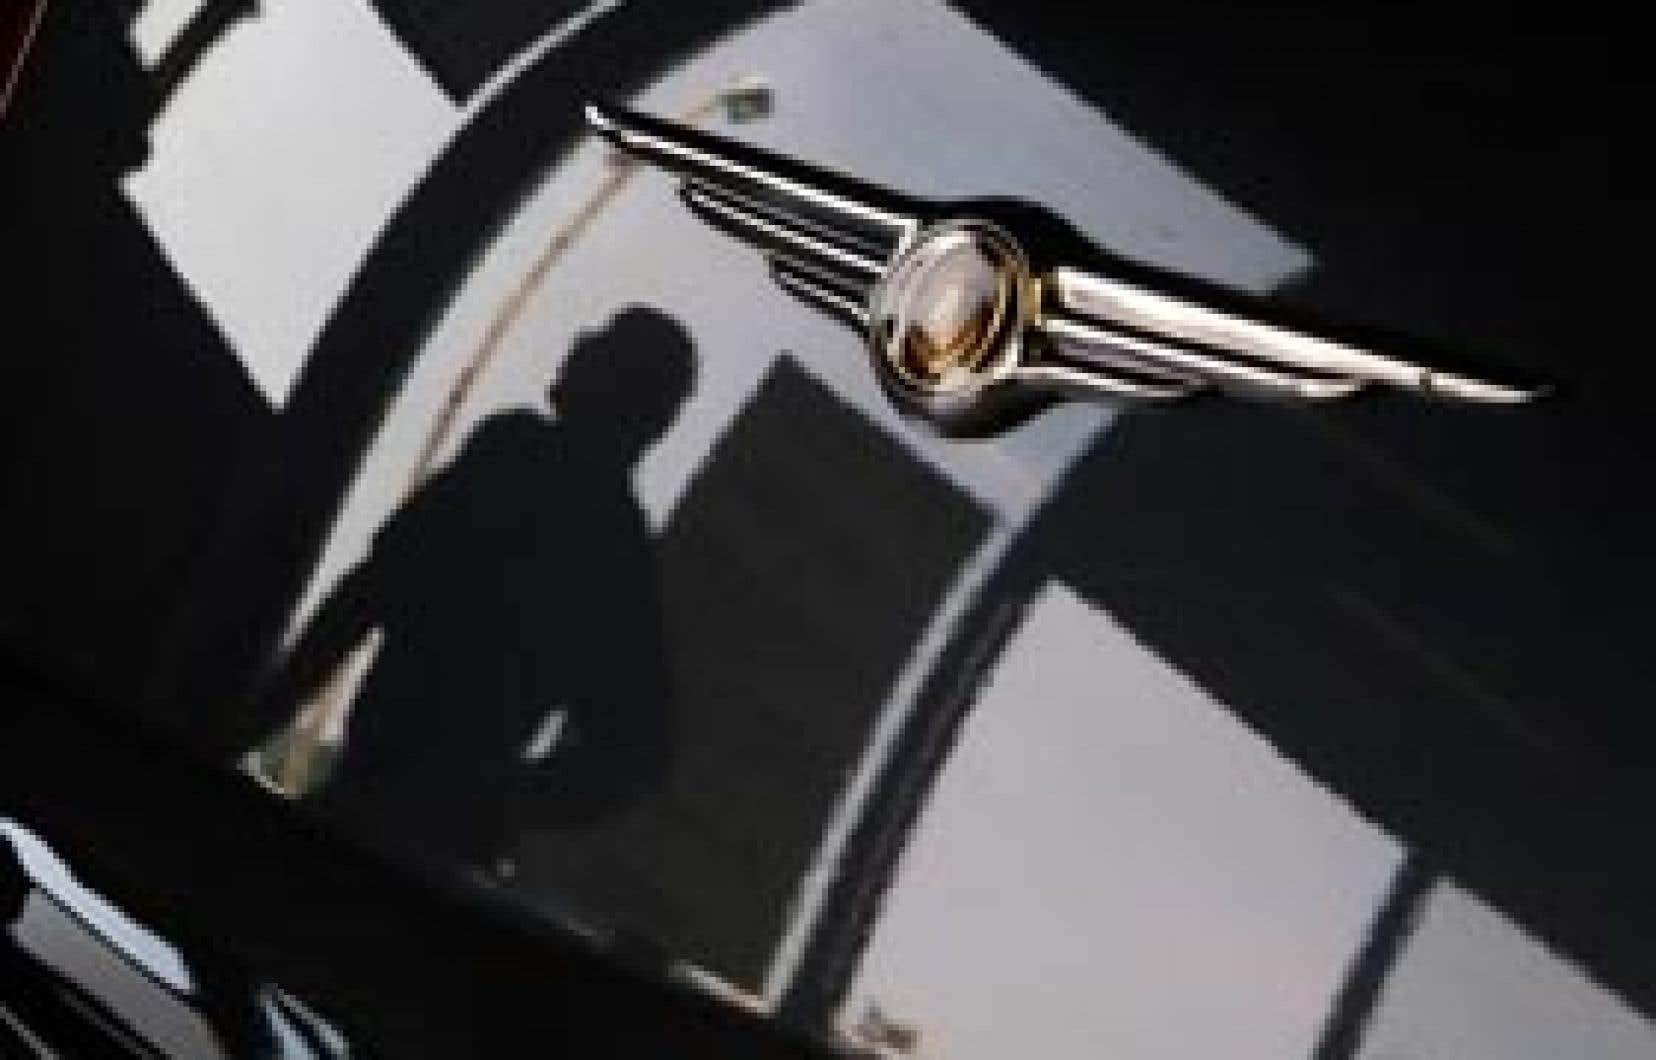 L'opération de sauvetage de Chrysler prévoit une prise de participation initiale de 20 % qui pourrait aller jusqu'à 35 % de Fiat dans le constructeur, une autre de 8 % du gouvernement américain et une de 2 % des gouvernements canadien et ontarien